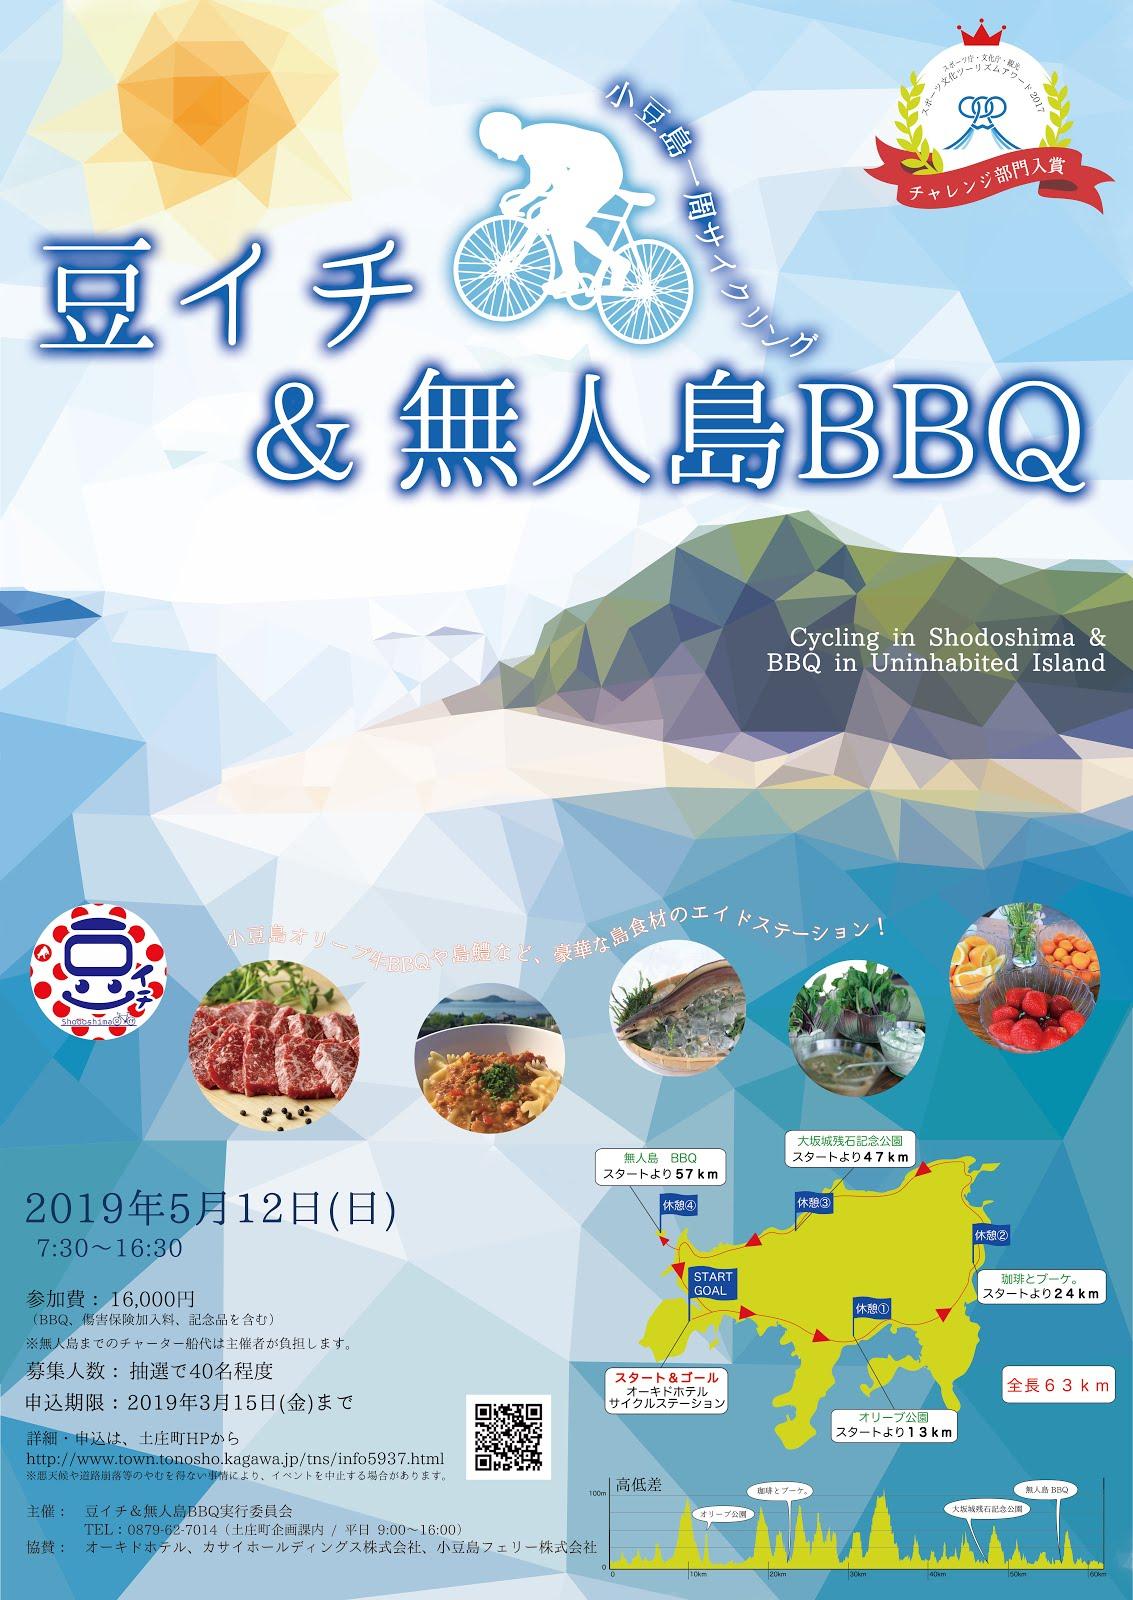 2019年『豆イチ&無人島BBQ』の募集が開始されました!!